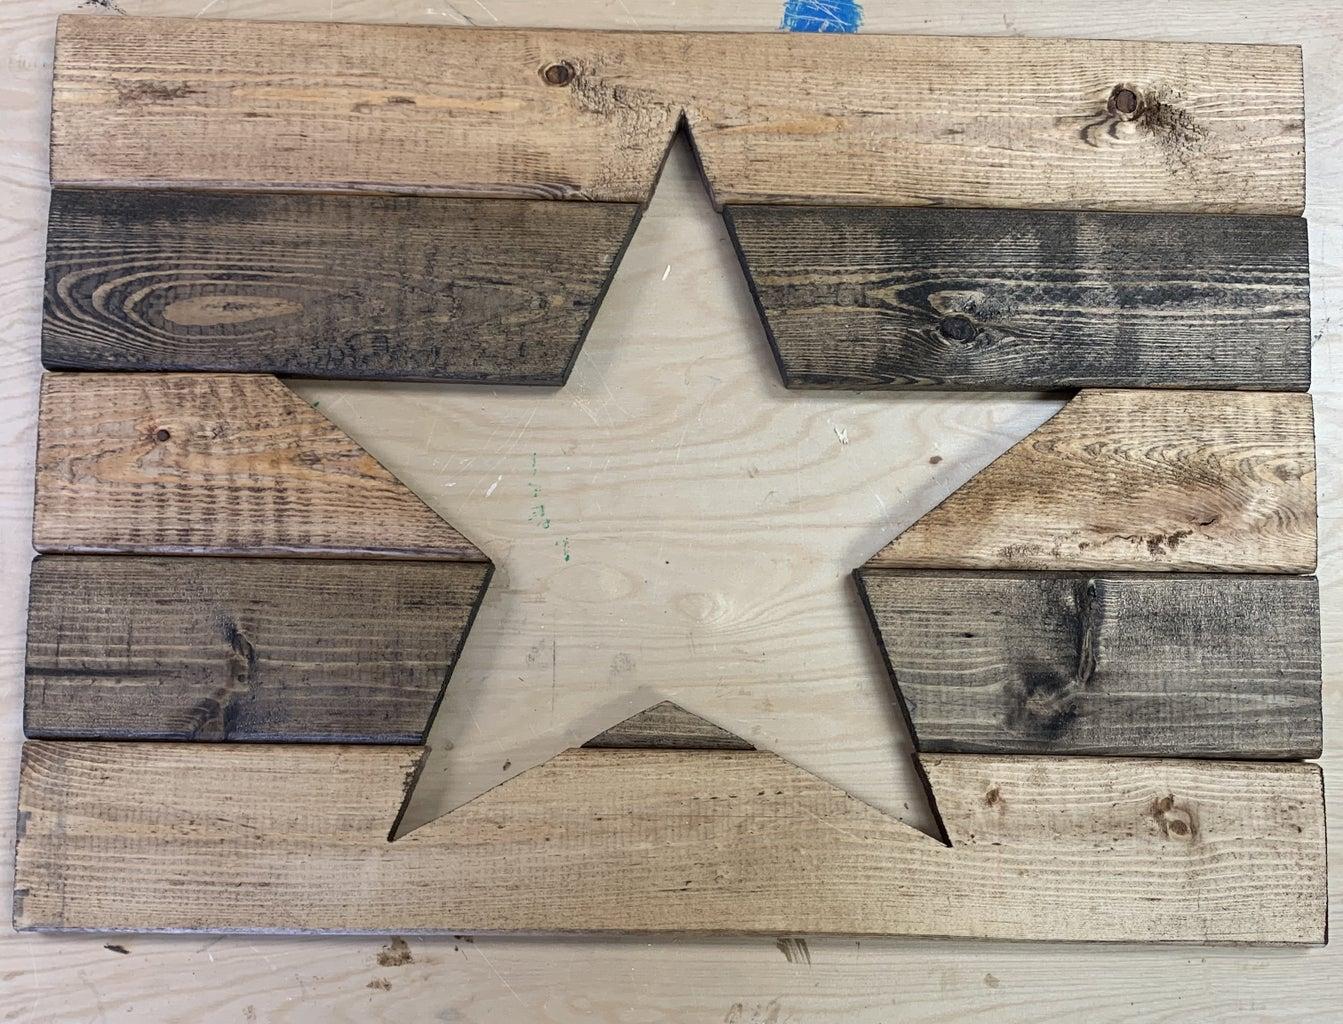 Step 4: Cut the Star